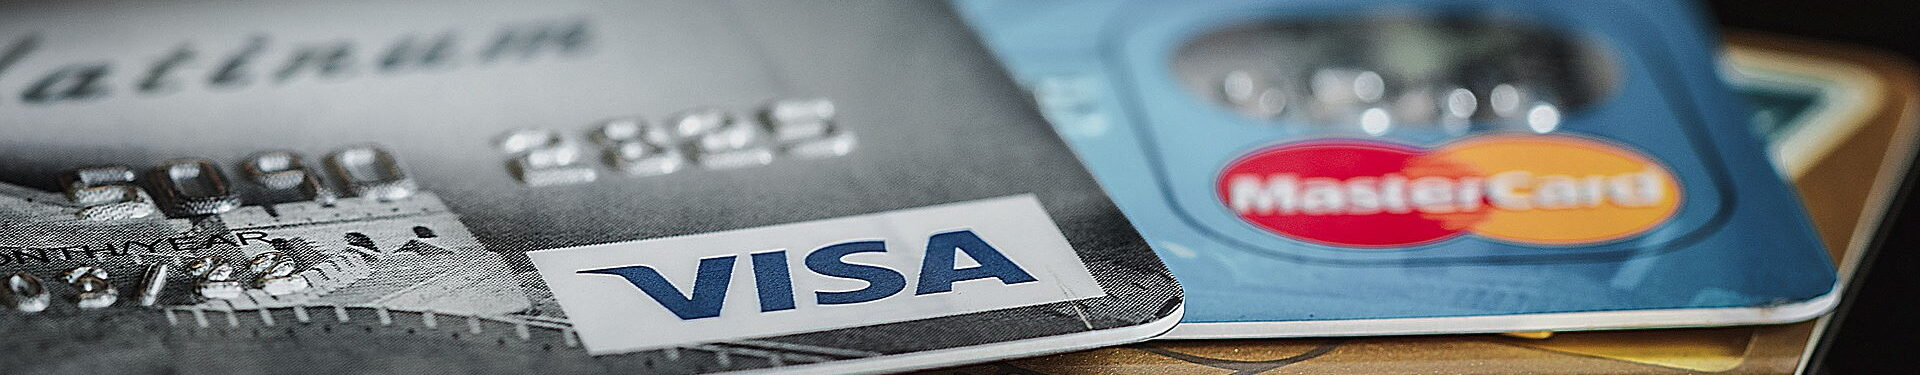 Jämför kreditkort